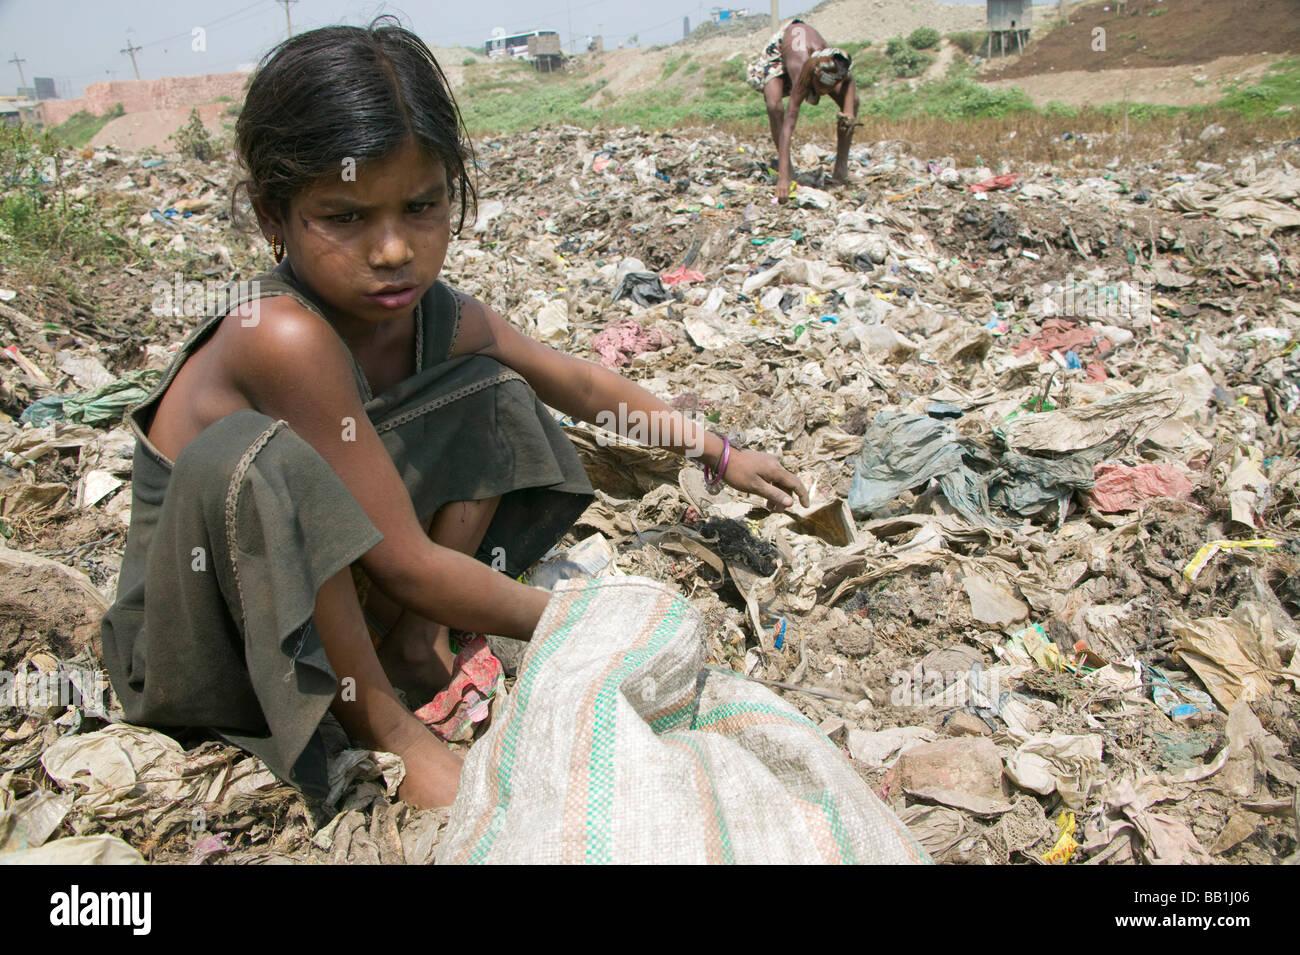 Children scavenging in garbage dump, Dhaka, Bangladesh Stock Photo - Alamy